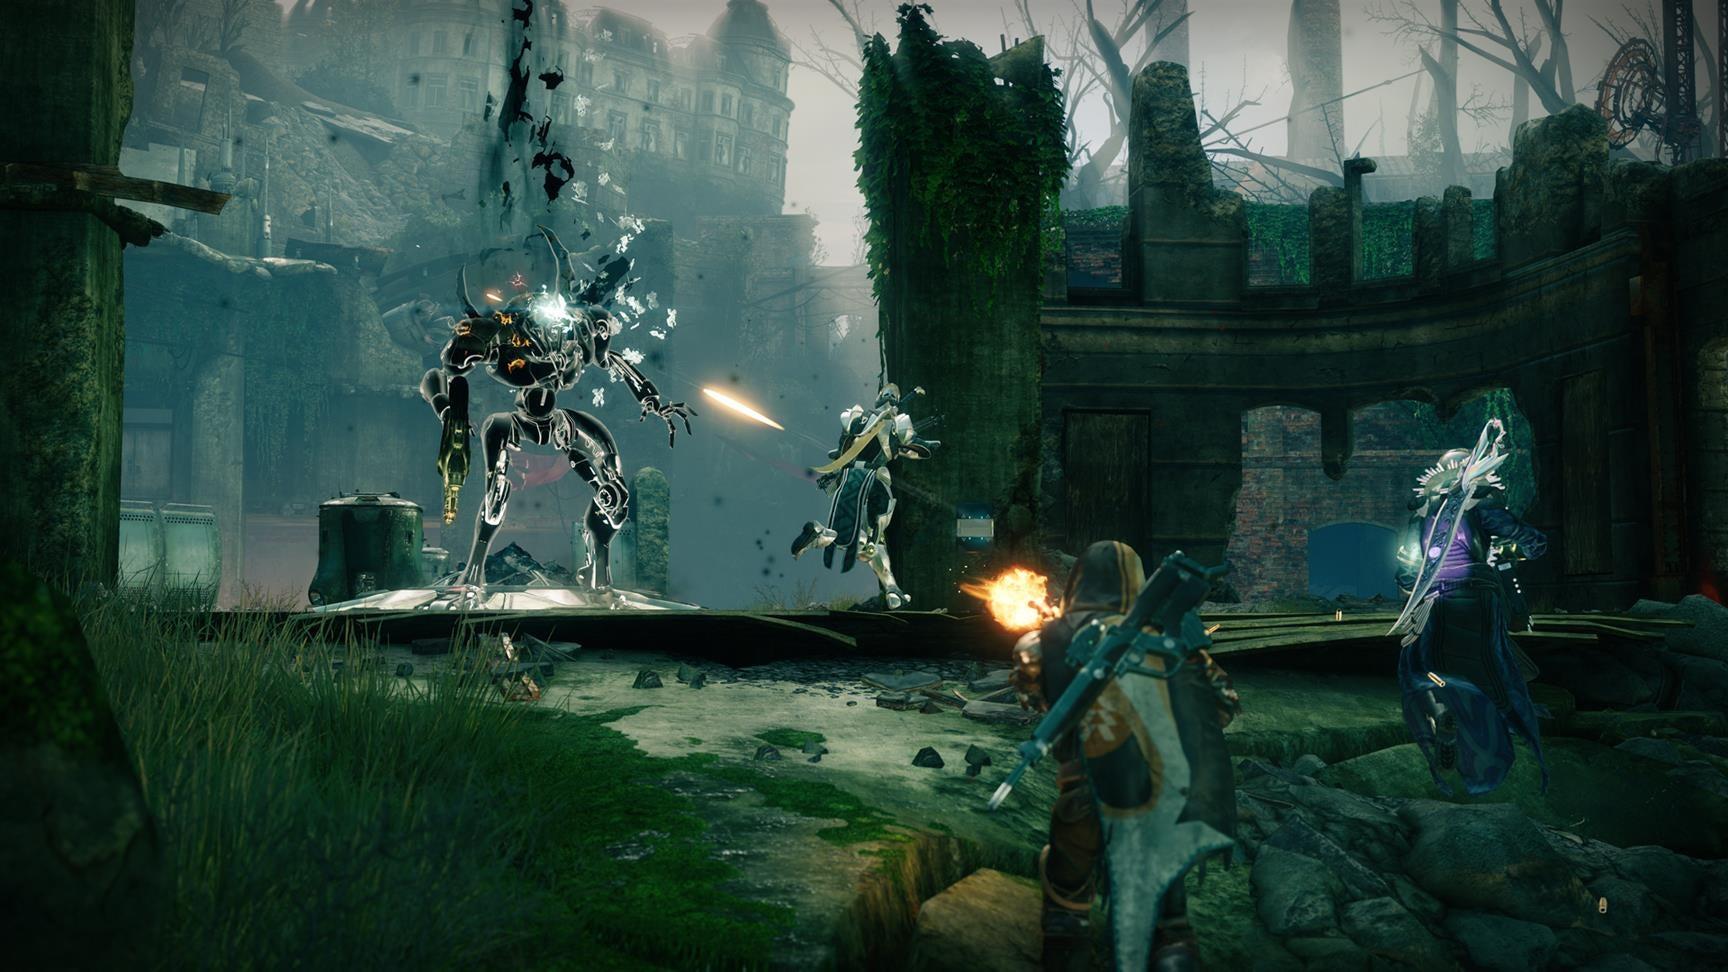 Image for Destiny 2: Forsaken - Season of the Outlaw triumphs